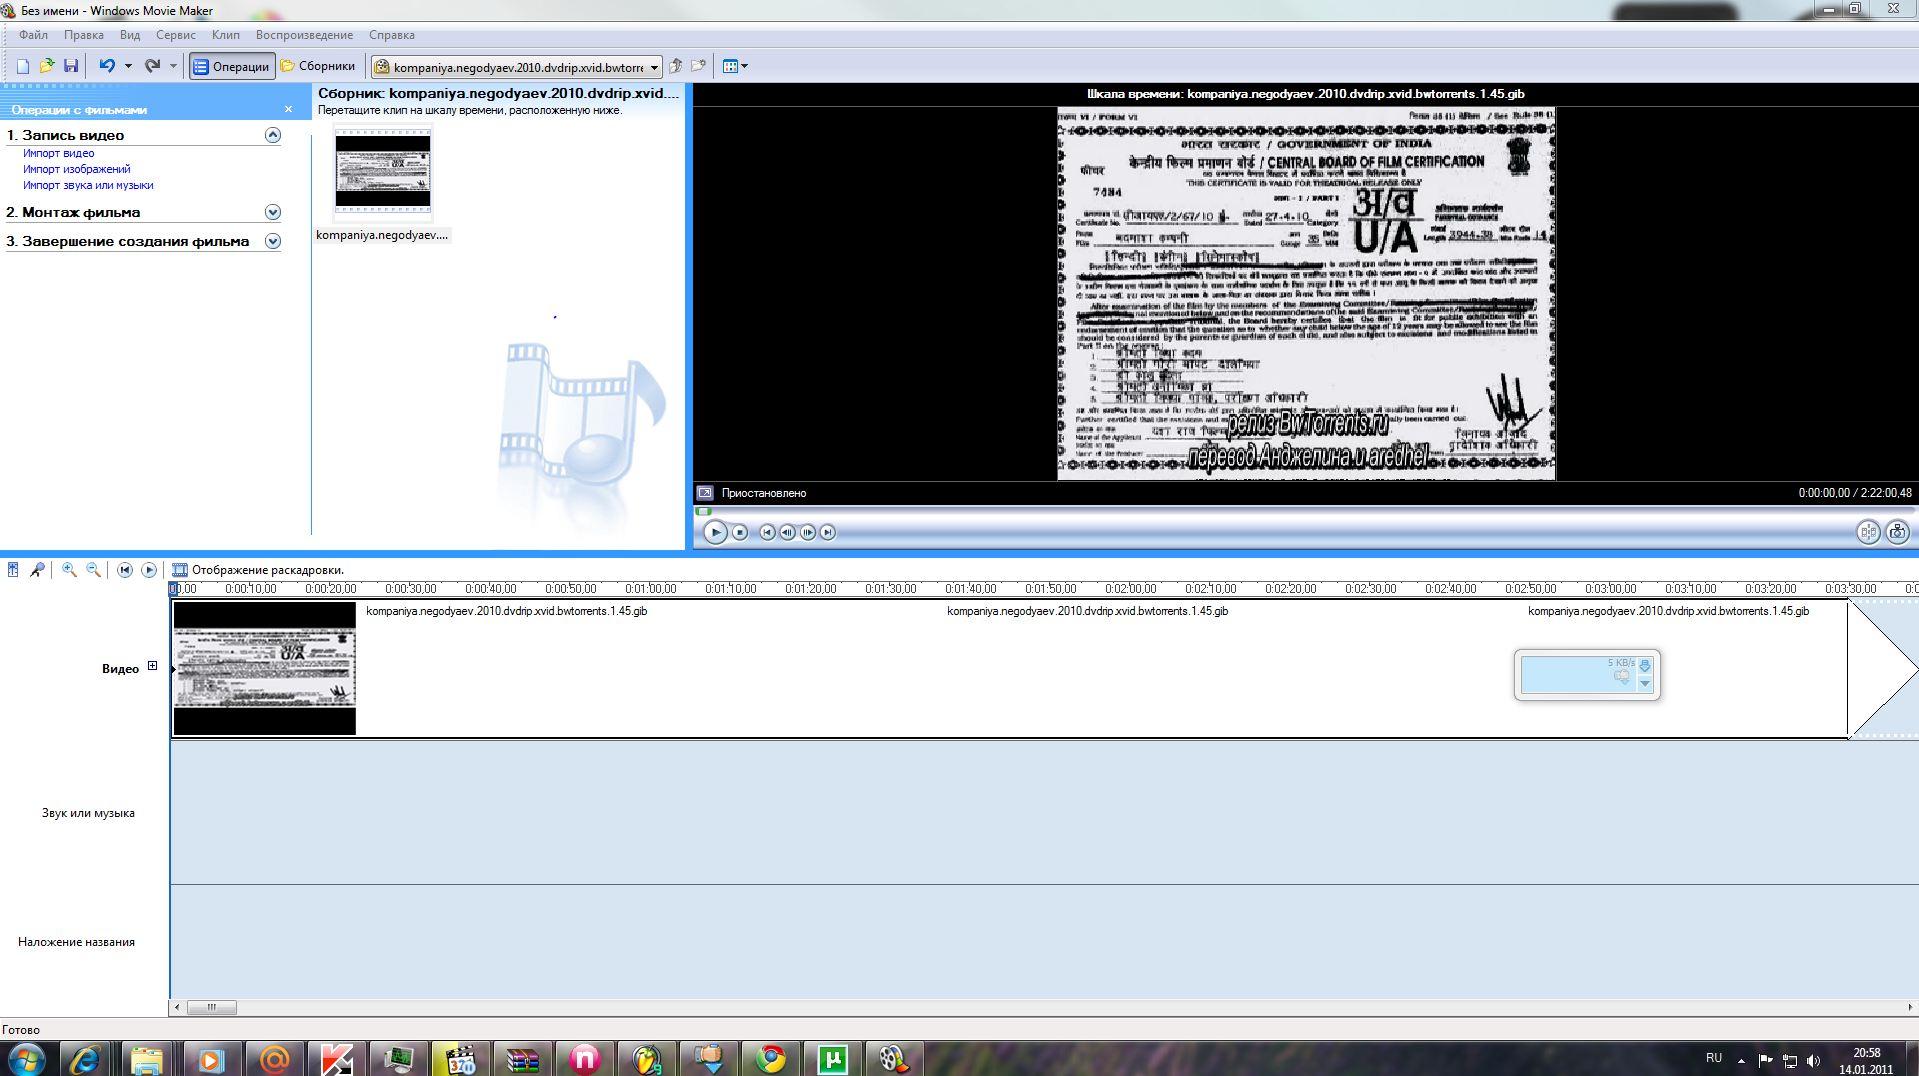 movie maker windows 7 x64 скачать бесплатно на русском